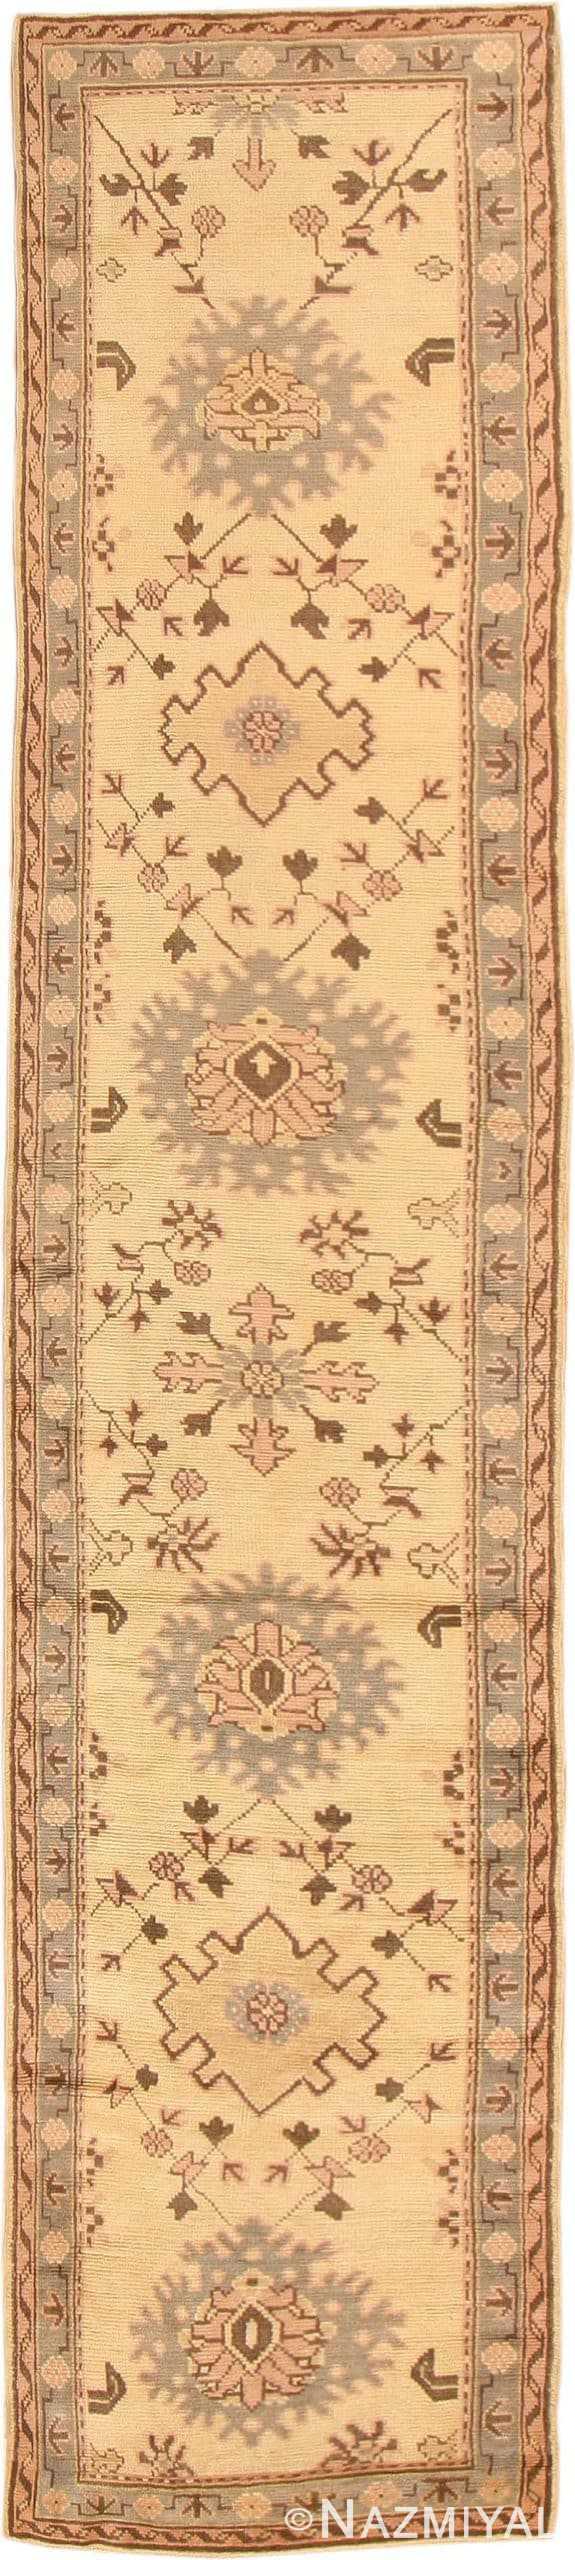 Antique Oushak Turkish Rug 41776 Nazmiyal